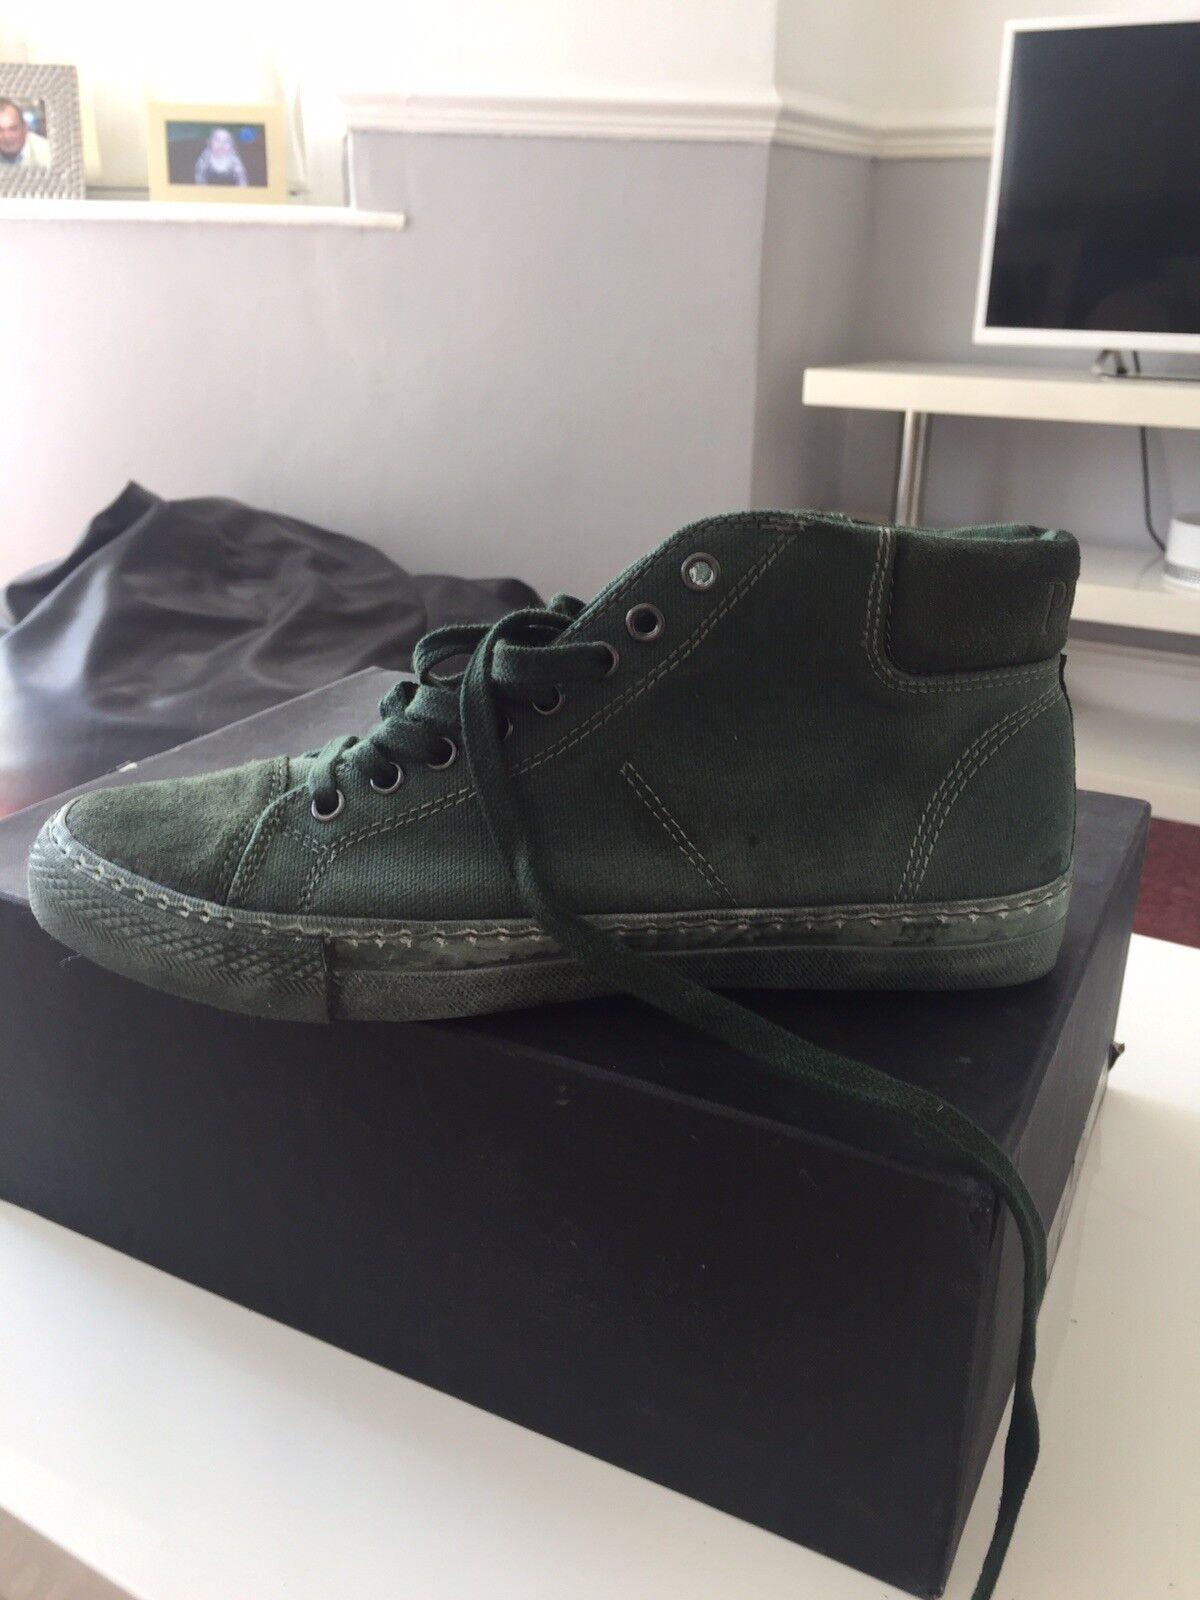 Pantofola Stivaletti d'oro Verde Tela Stivaletti Pantofola Taglia 8 666a64